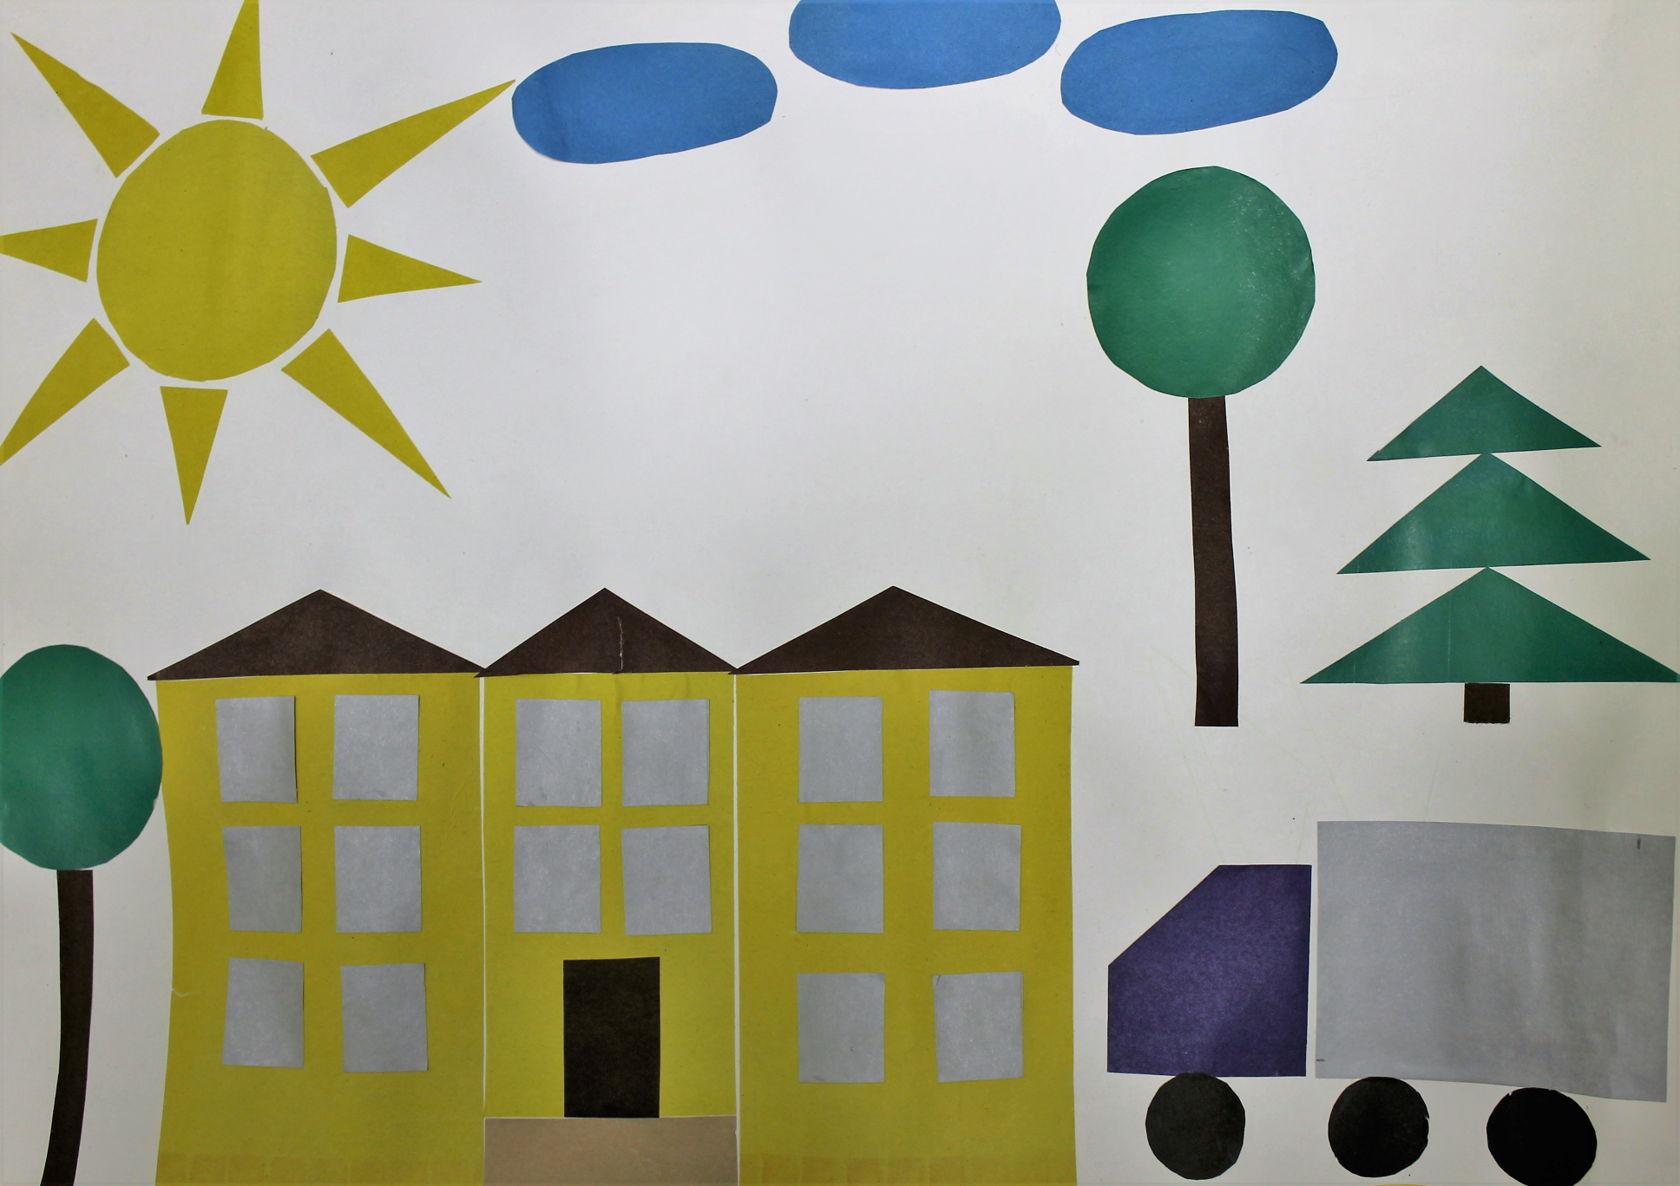 Аппликации из геометрических фигур для детей разного возраста